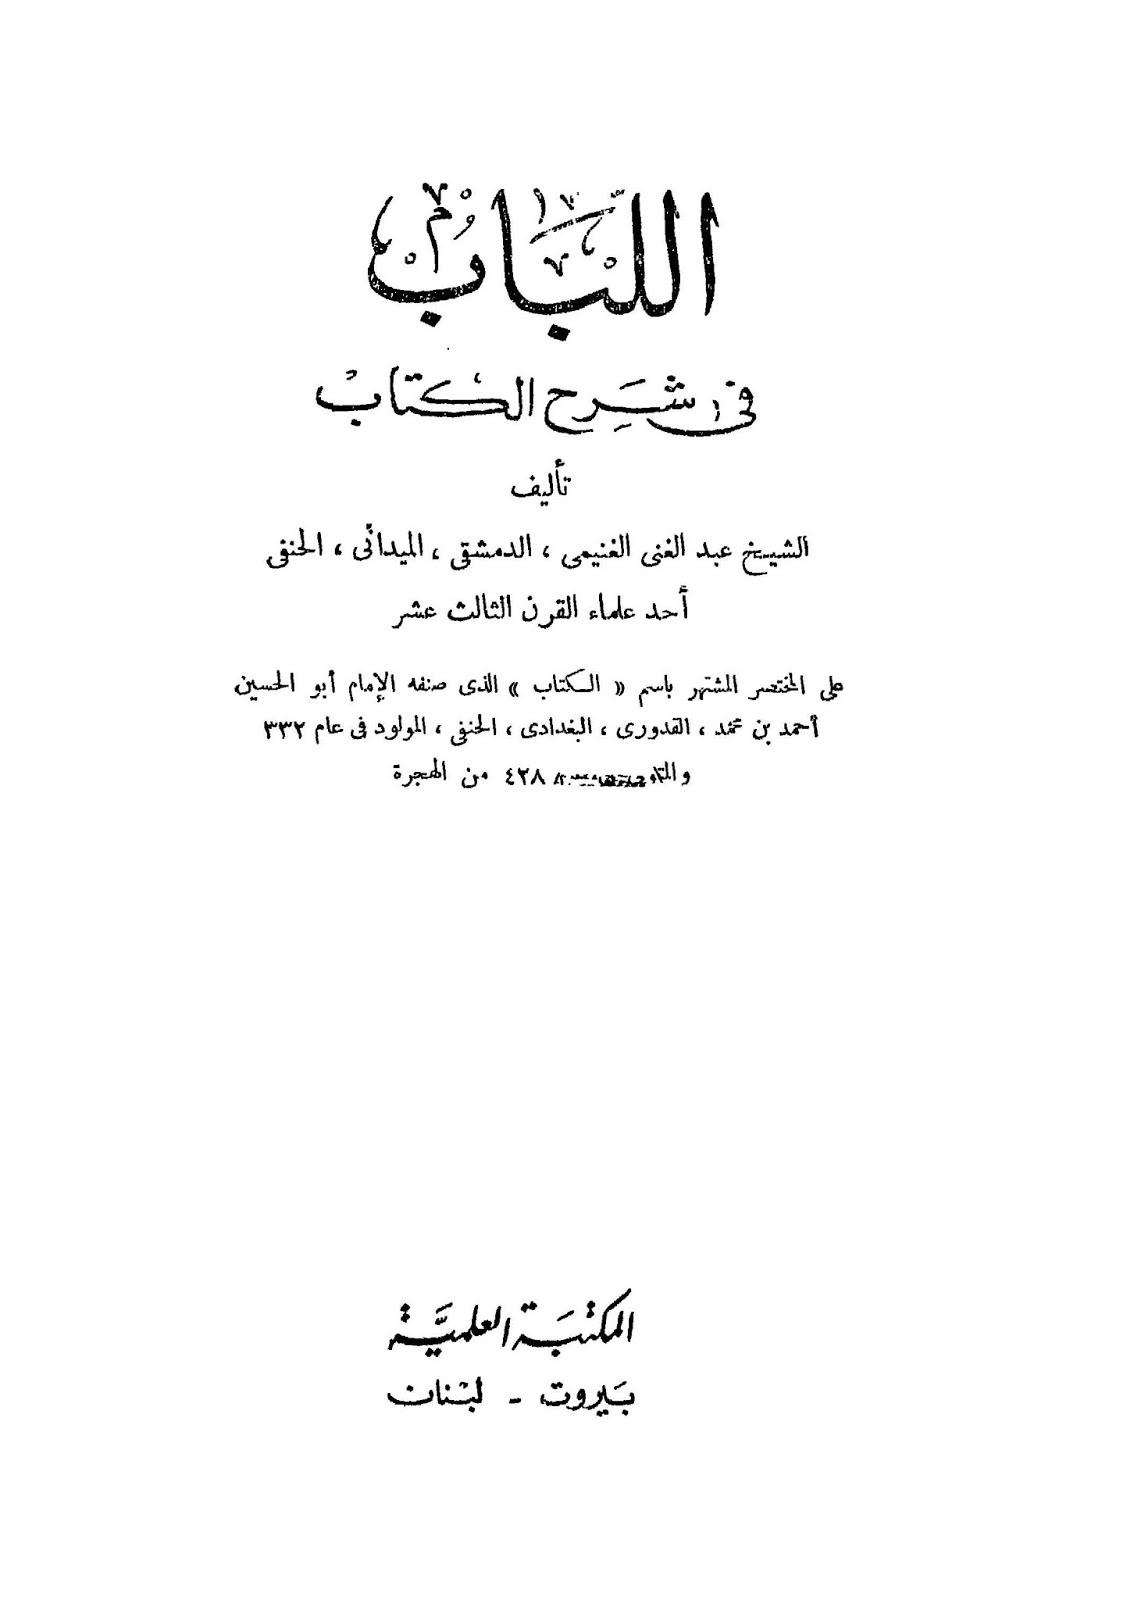 اللباب في شرح الكتاب - عبد الغني الغنيمي pdf